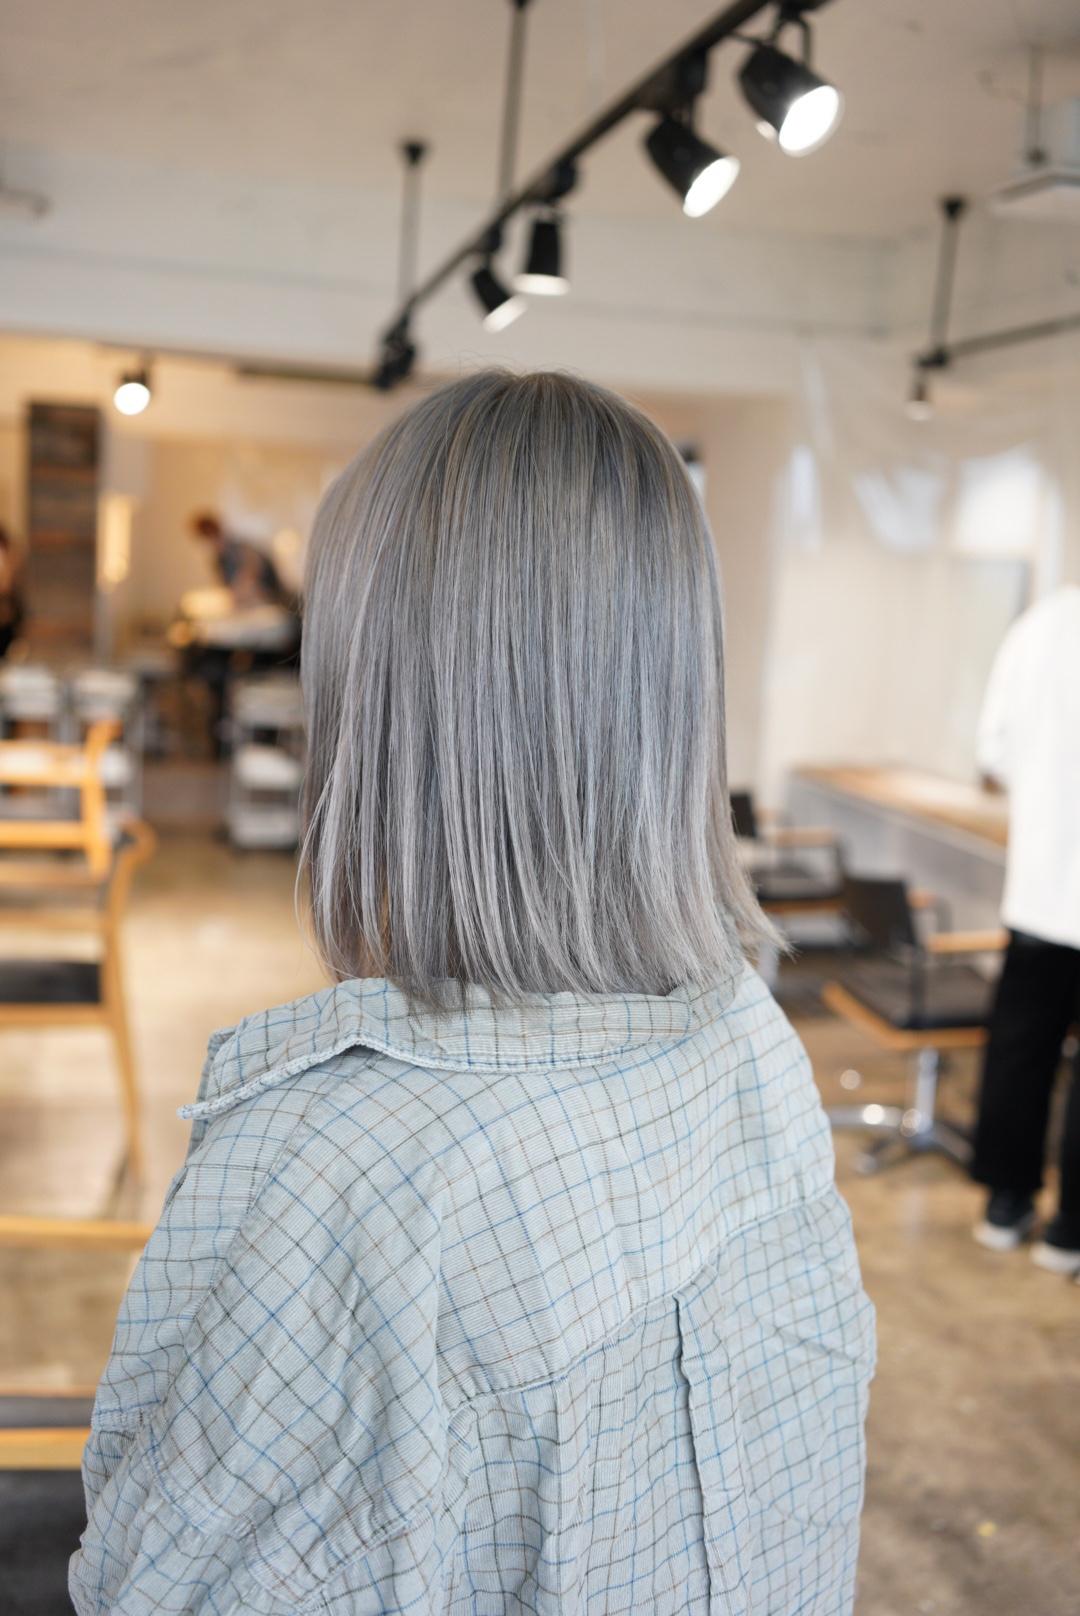 名古屋 ハイトーン ミルクティーグレージュ ブリーチ ケアブリーチ 得意 上手 成人式前撮りカラー